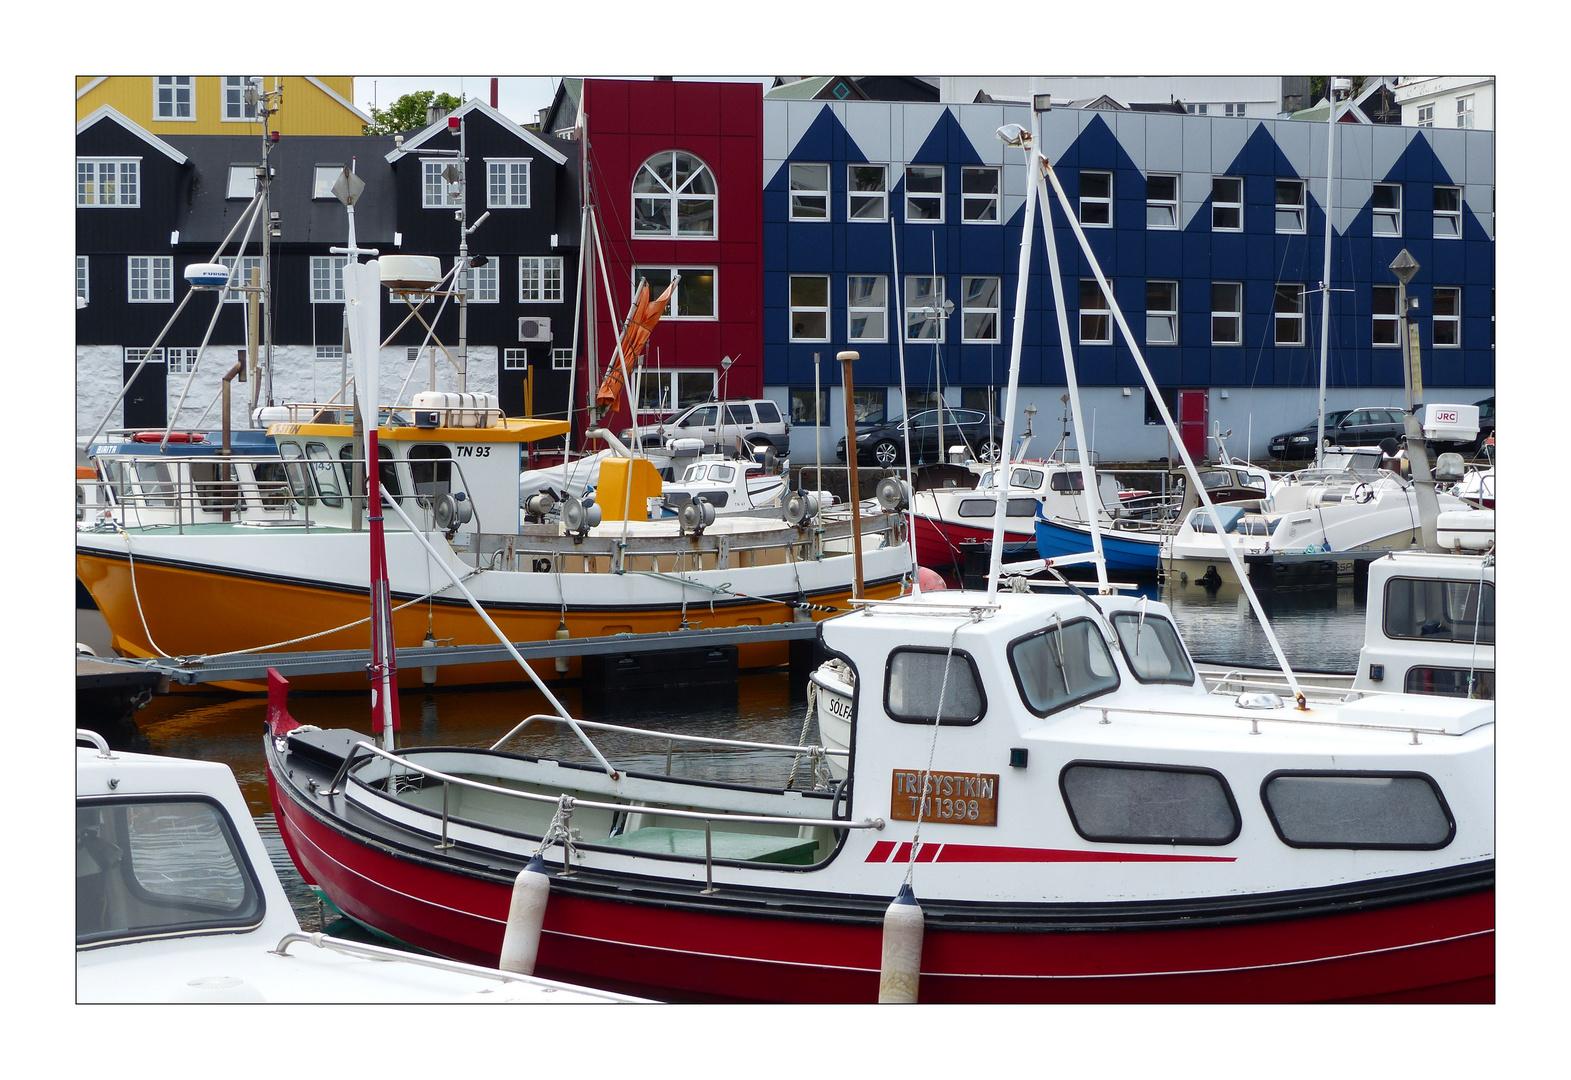 In Torshavn